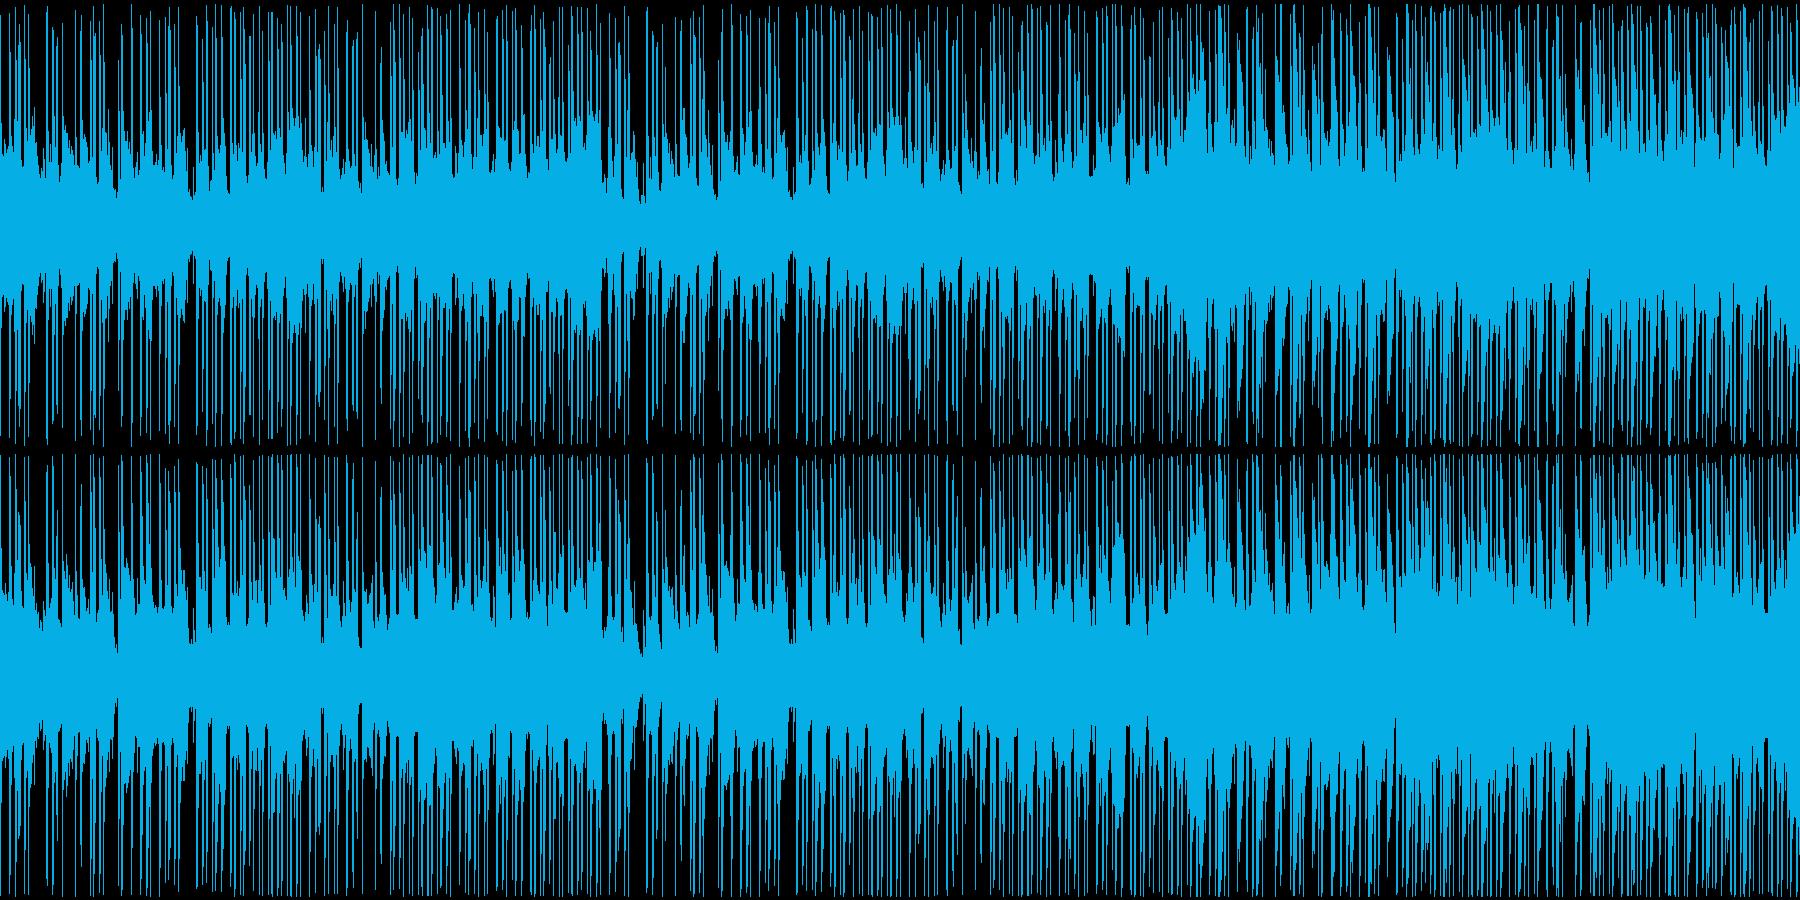 トロピカルな雰囲気のBGMの再生済みの波形